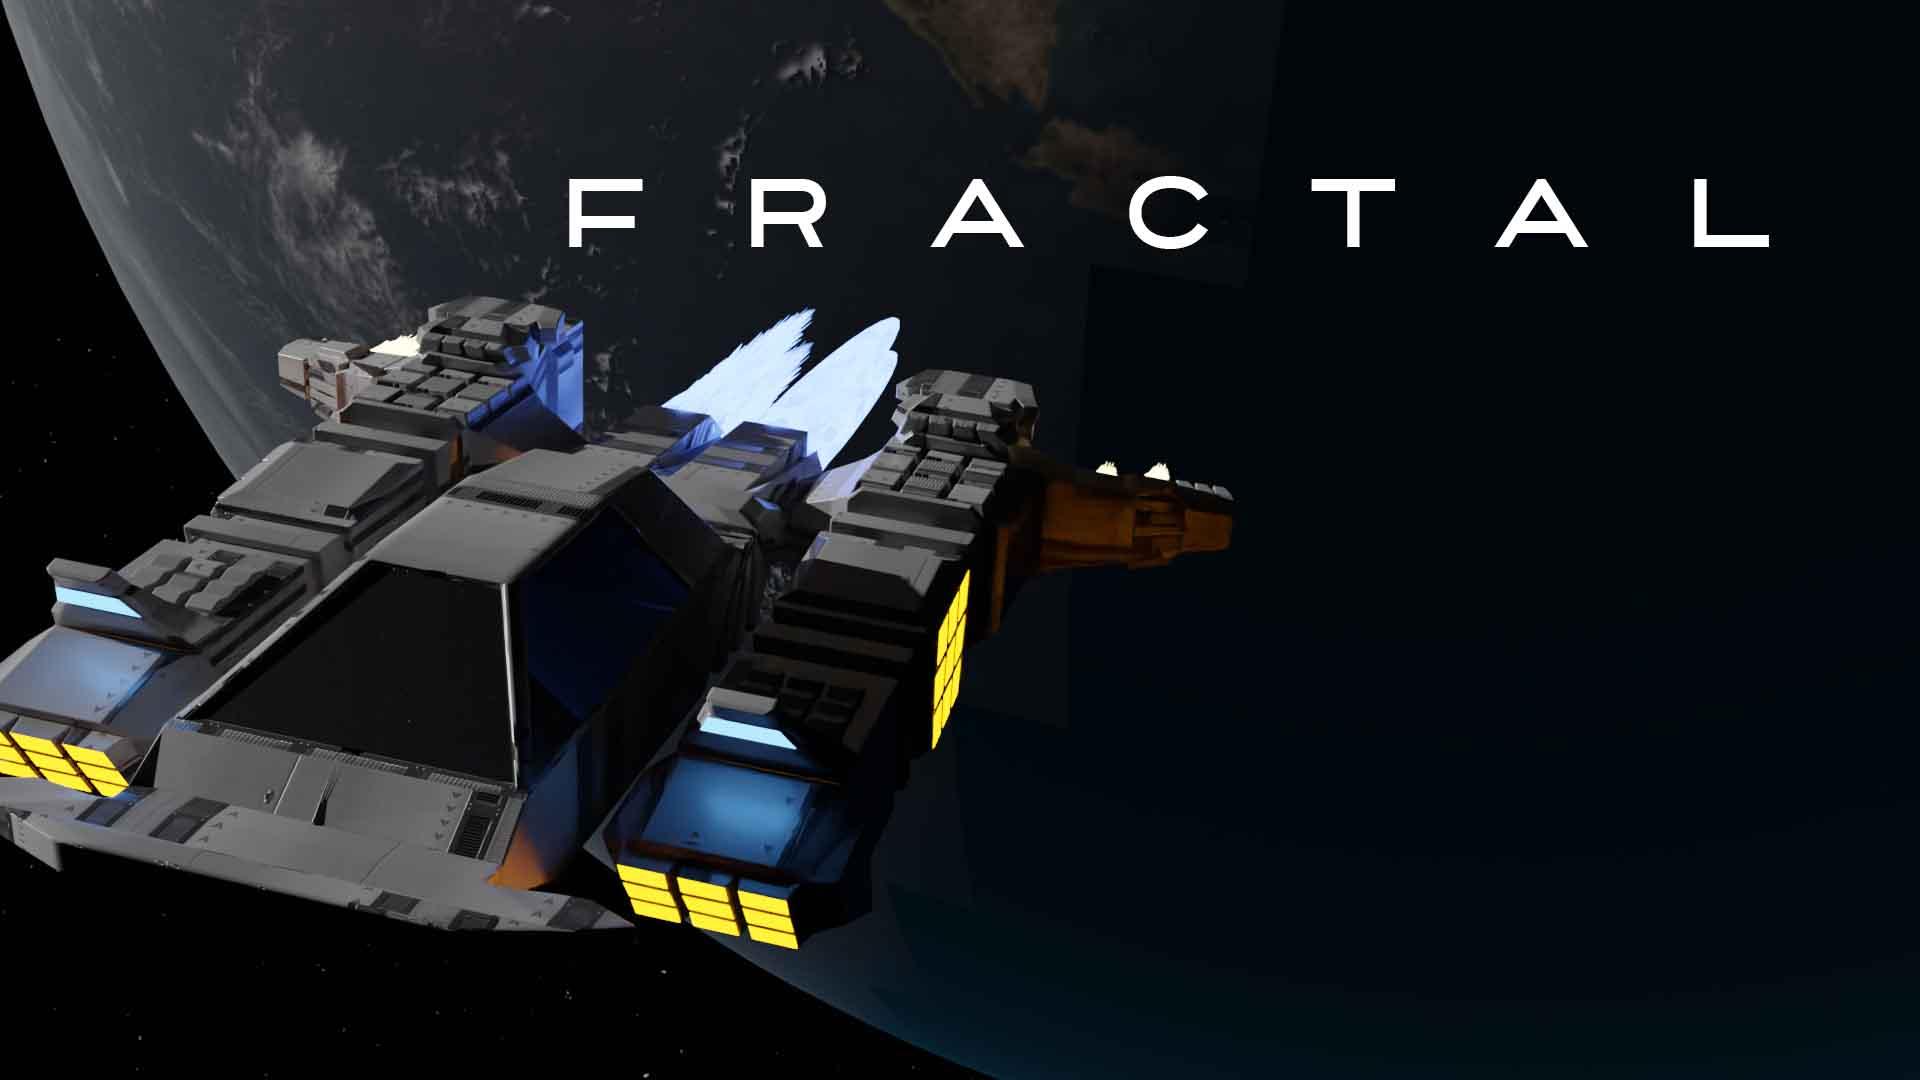 FRACTAL - My Rode Reel 2020